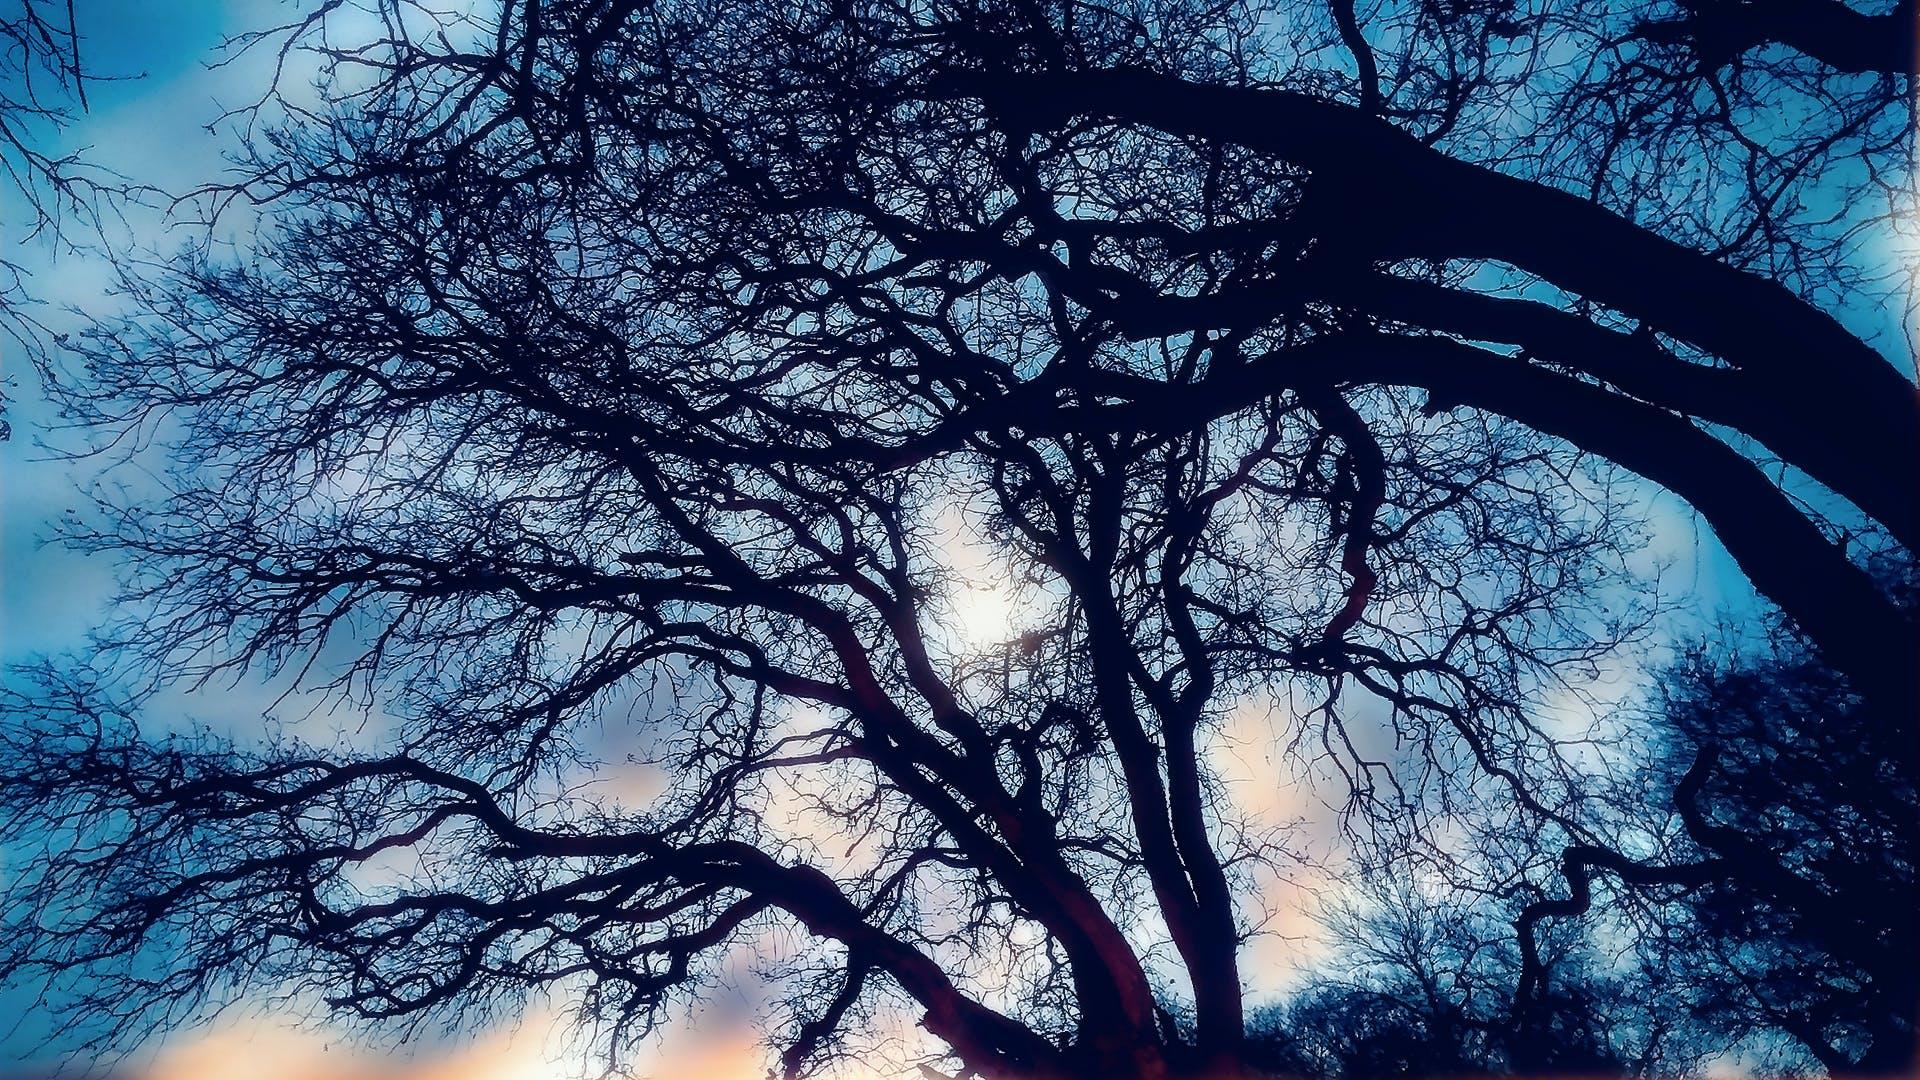 branches, dark, eerie